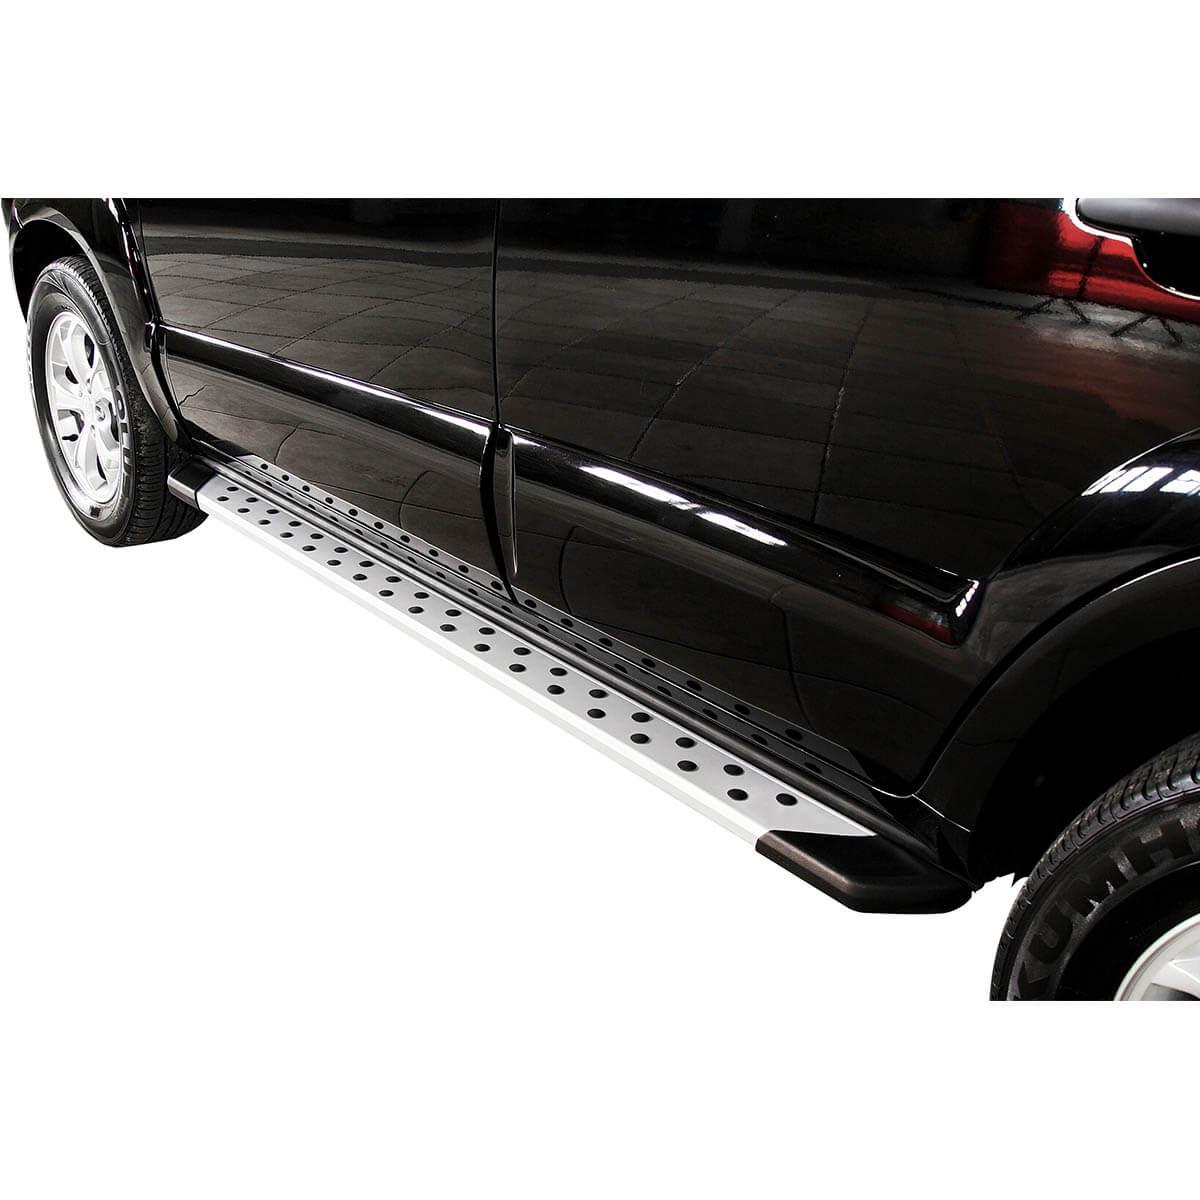 Estribo SUV Bepo alumínio polido Duster 2012 a 2017